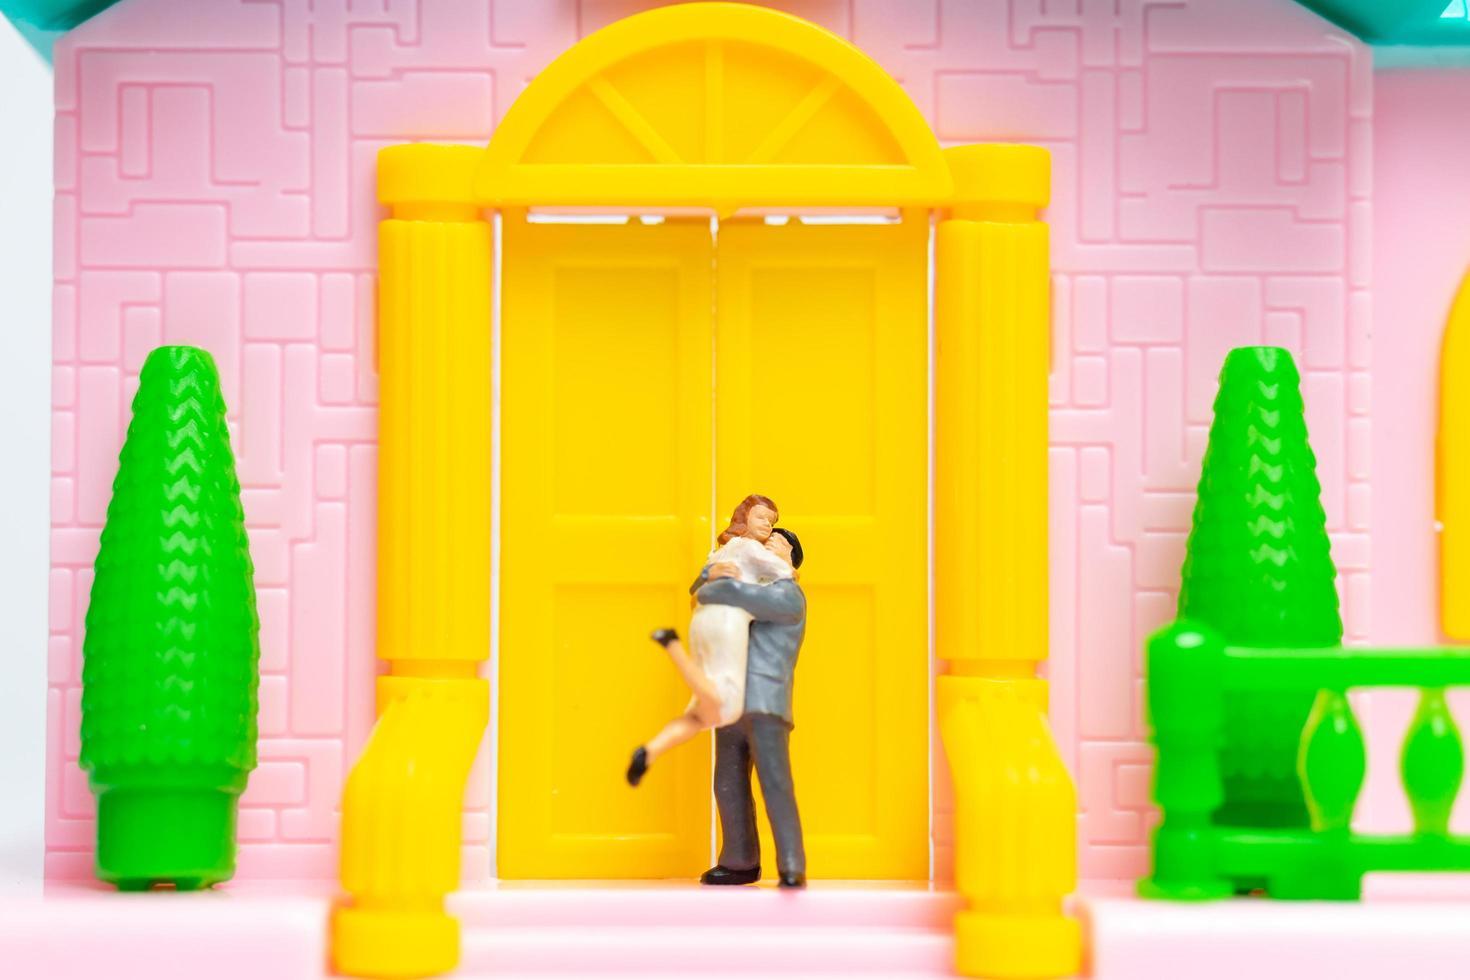 due persone sposate in miniatura che si abbracciano foto